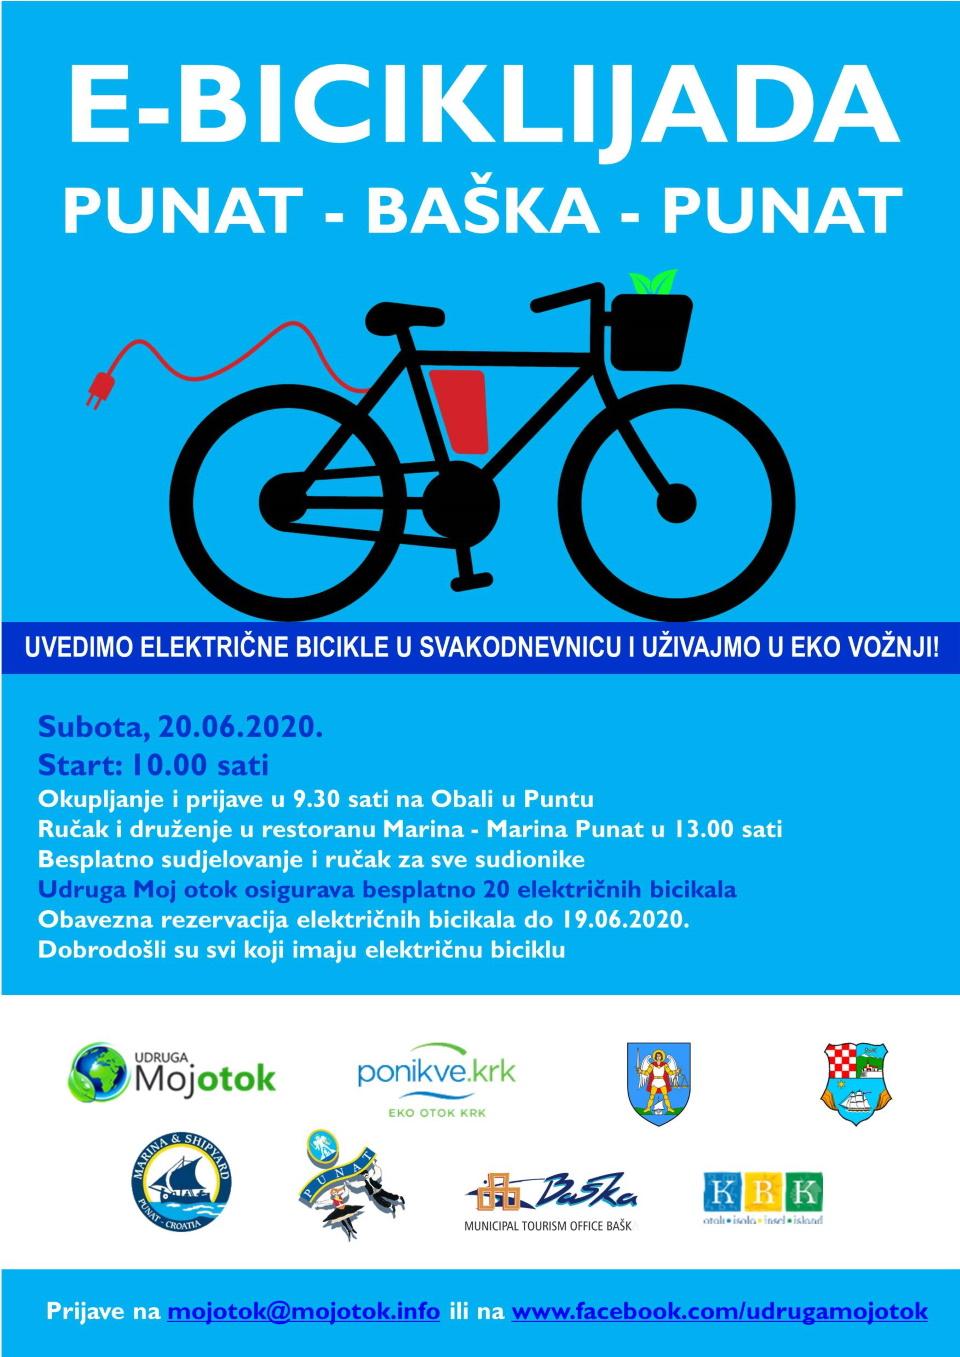 E biciklijada Punat-Baška-Punat